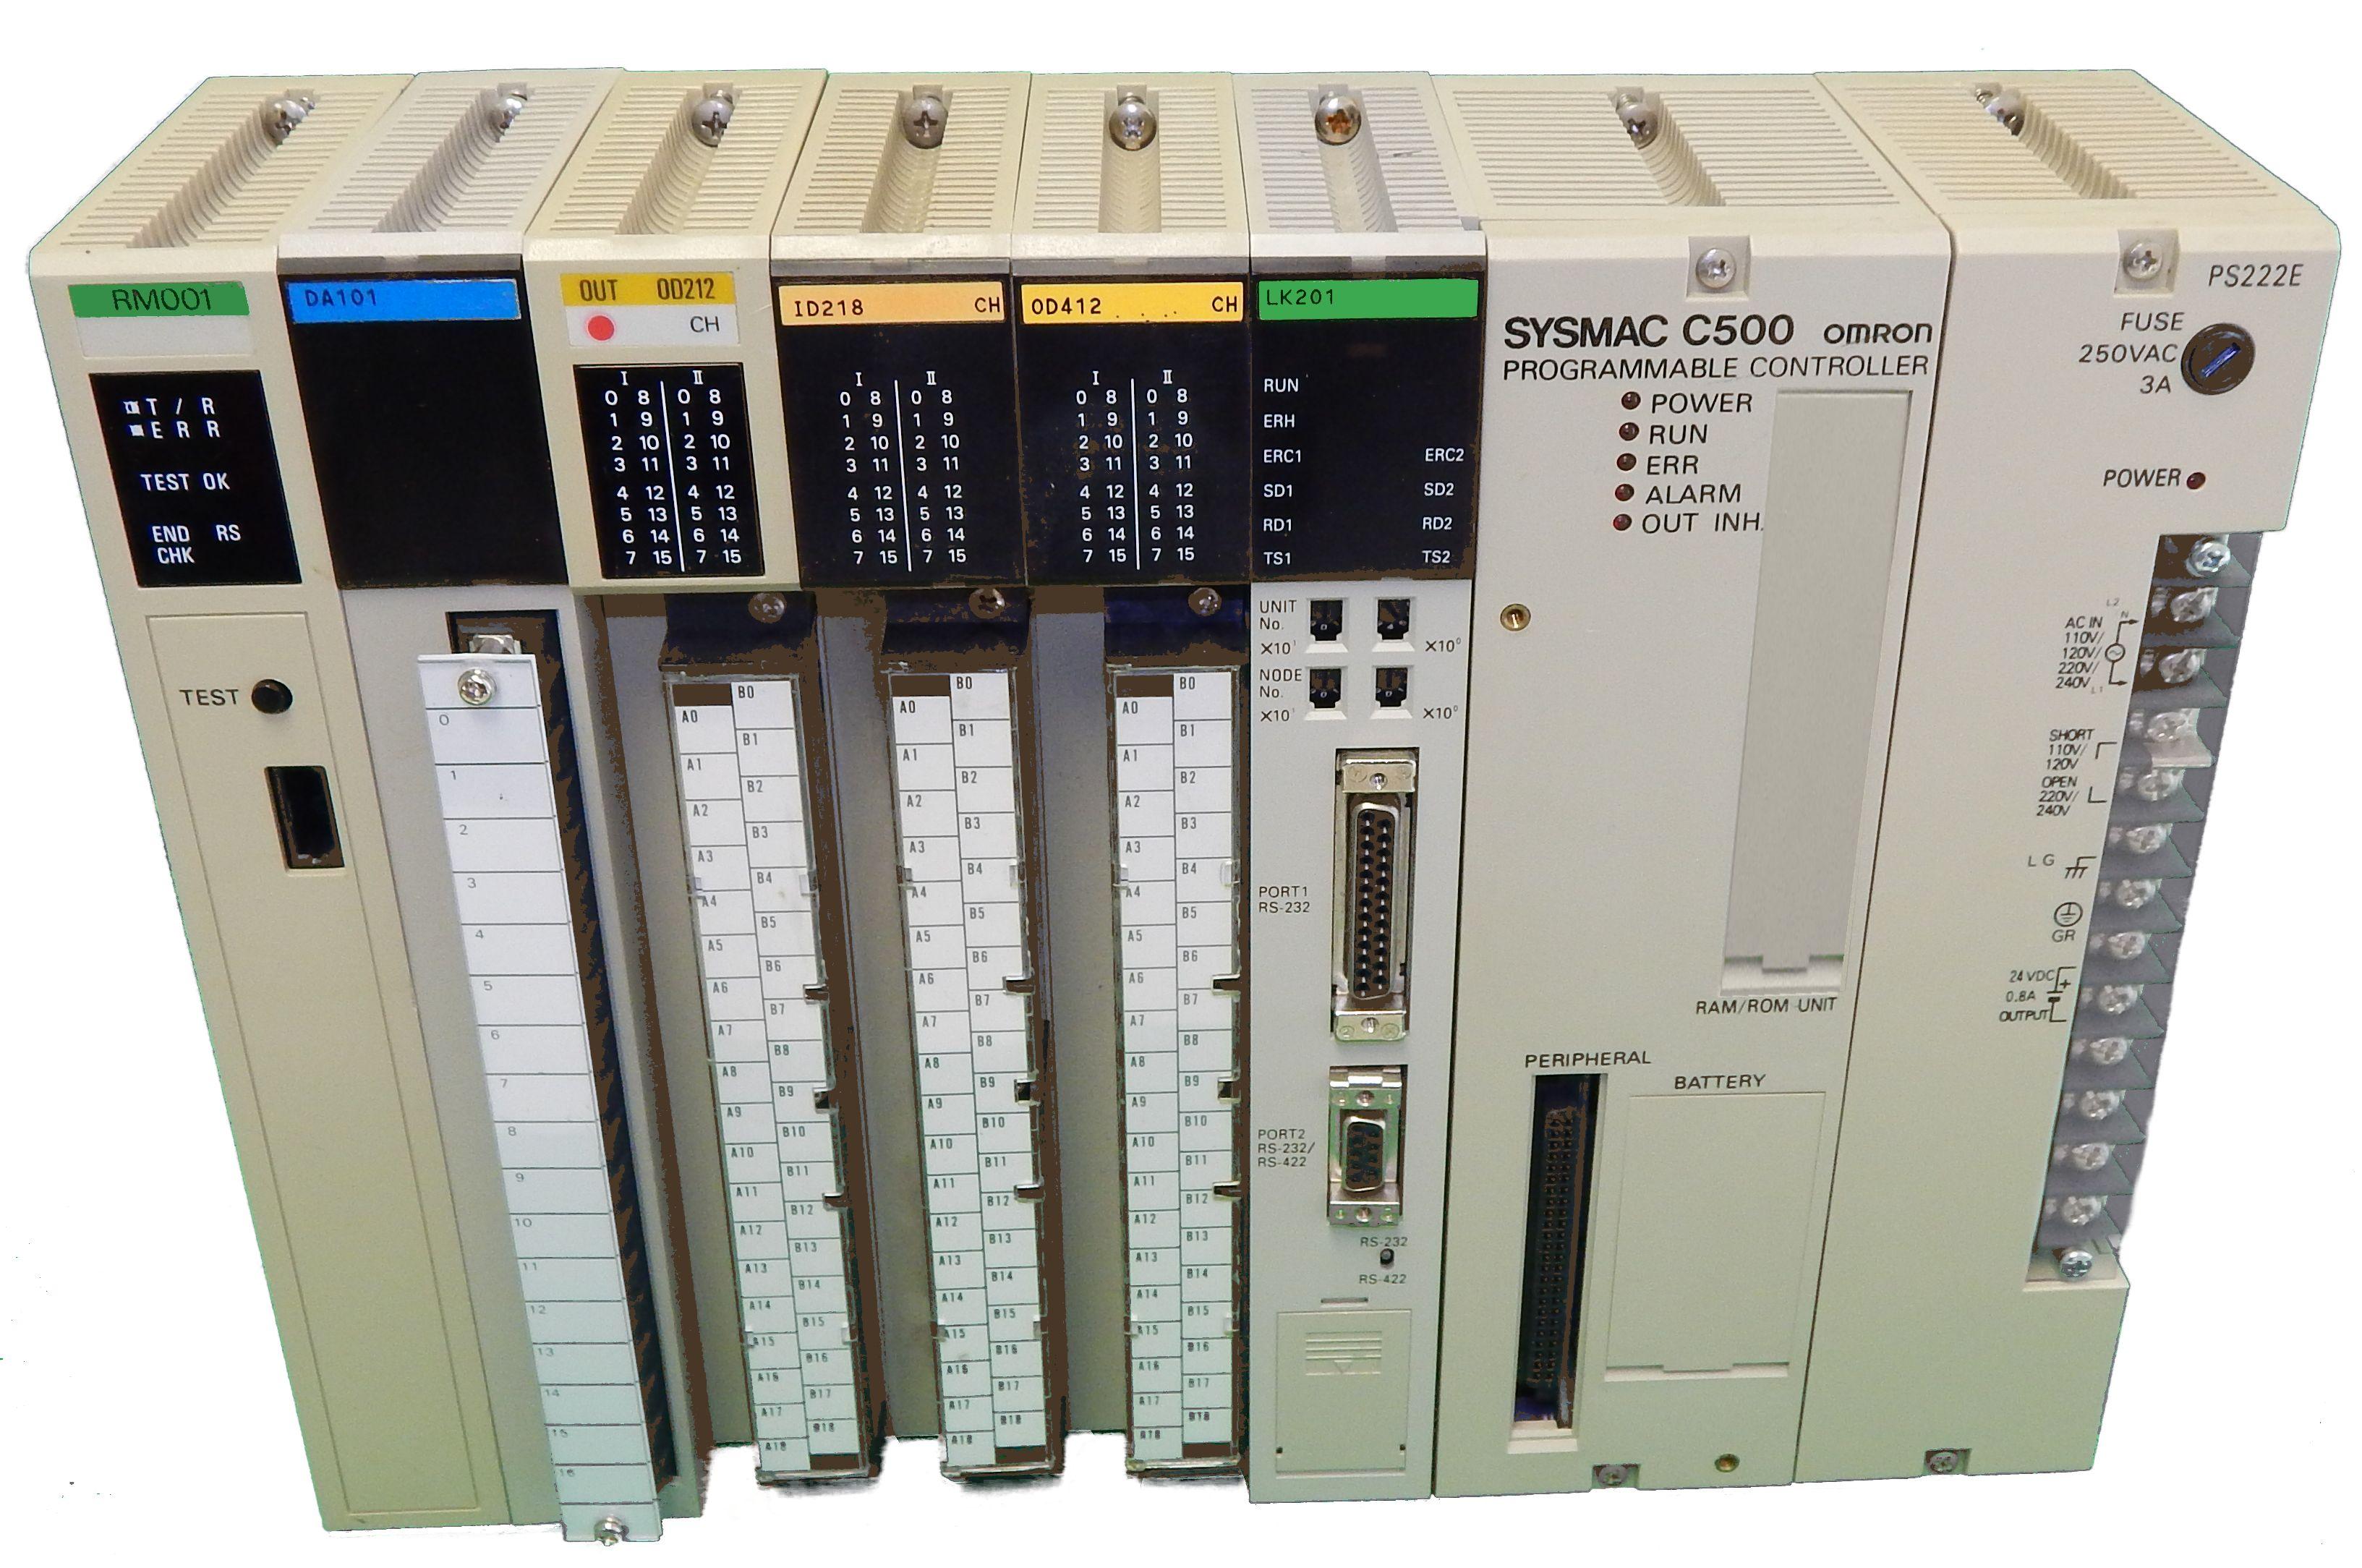 3G2A5-PS221 E